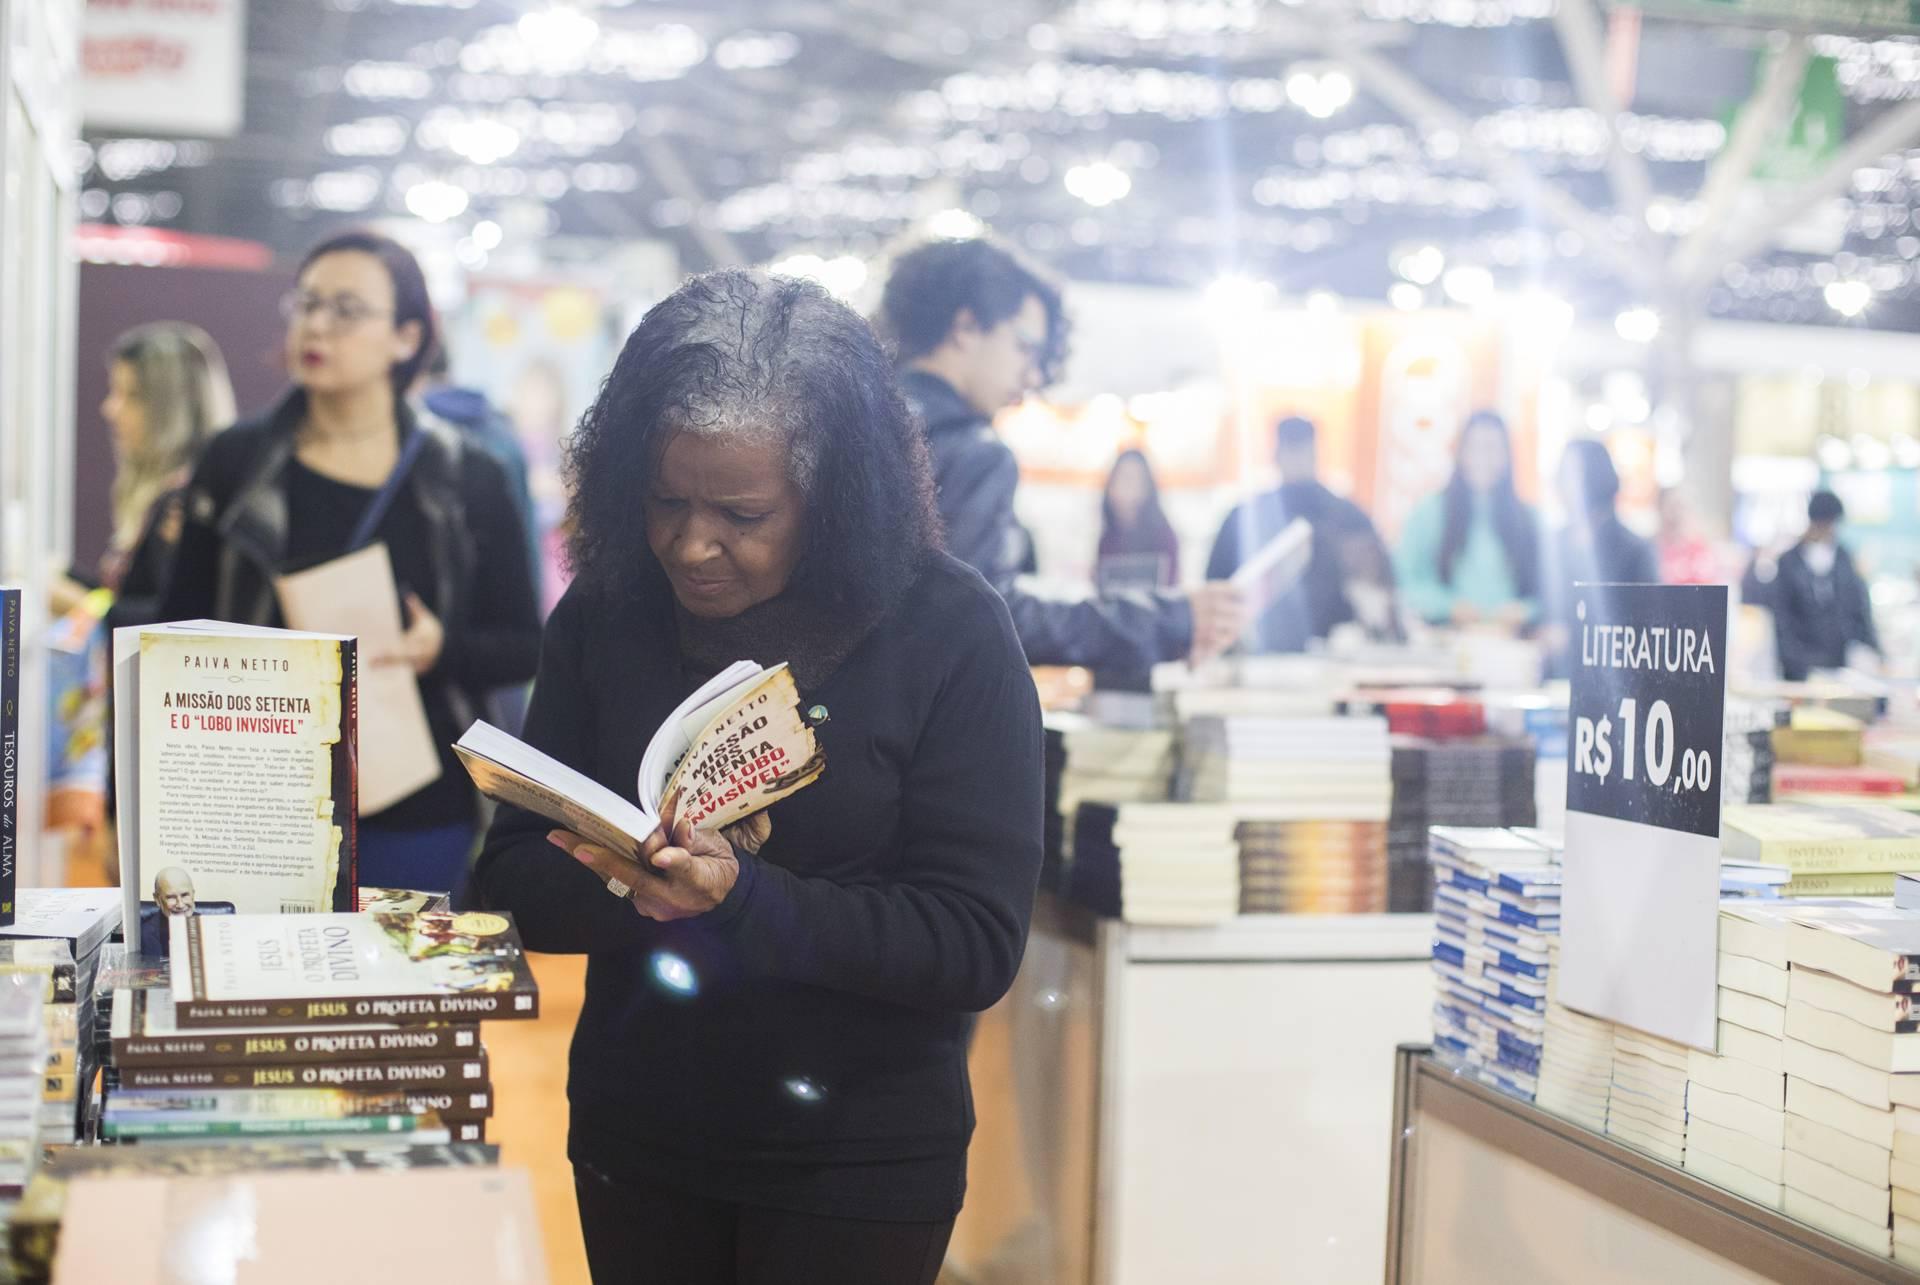 5e29fc76ea494 Sucesso de público  leitores destacam lançamento literário de Paiva ...